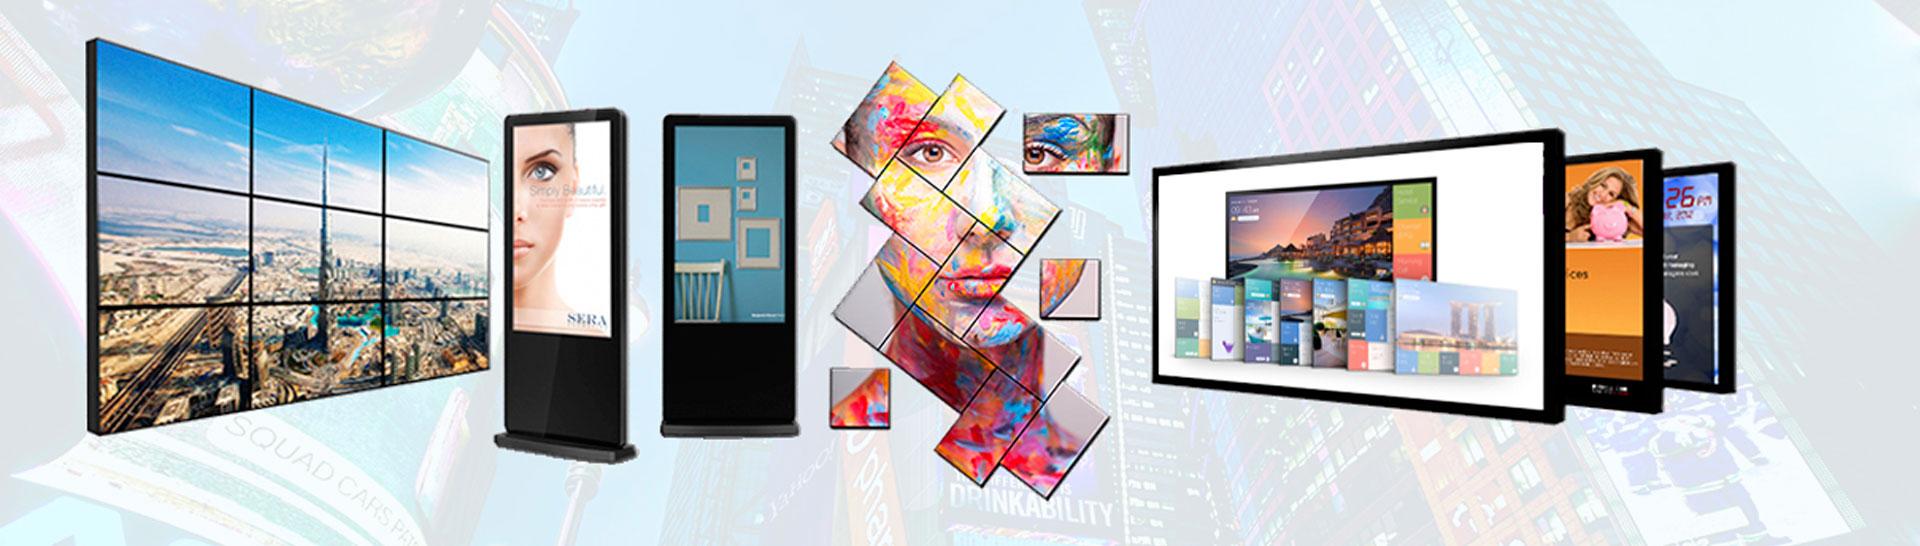 Ejemplos de digital signage hoteles